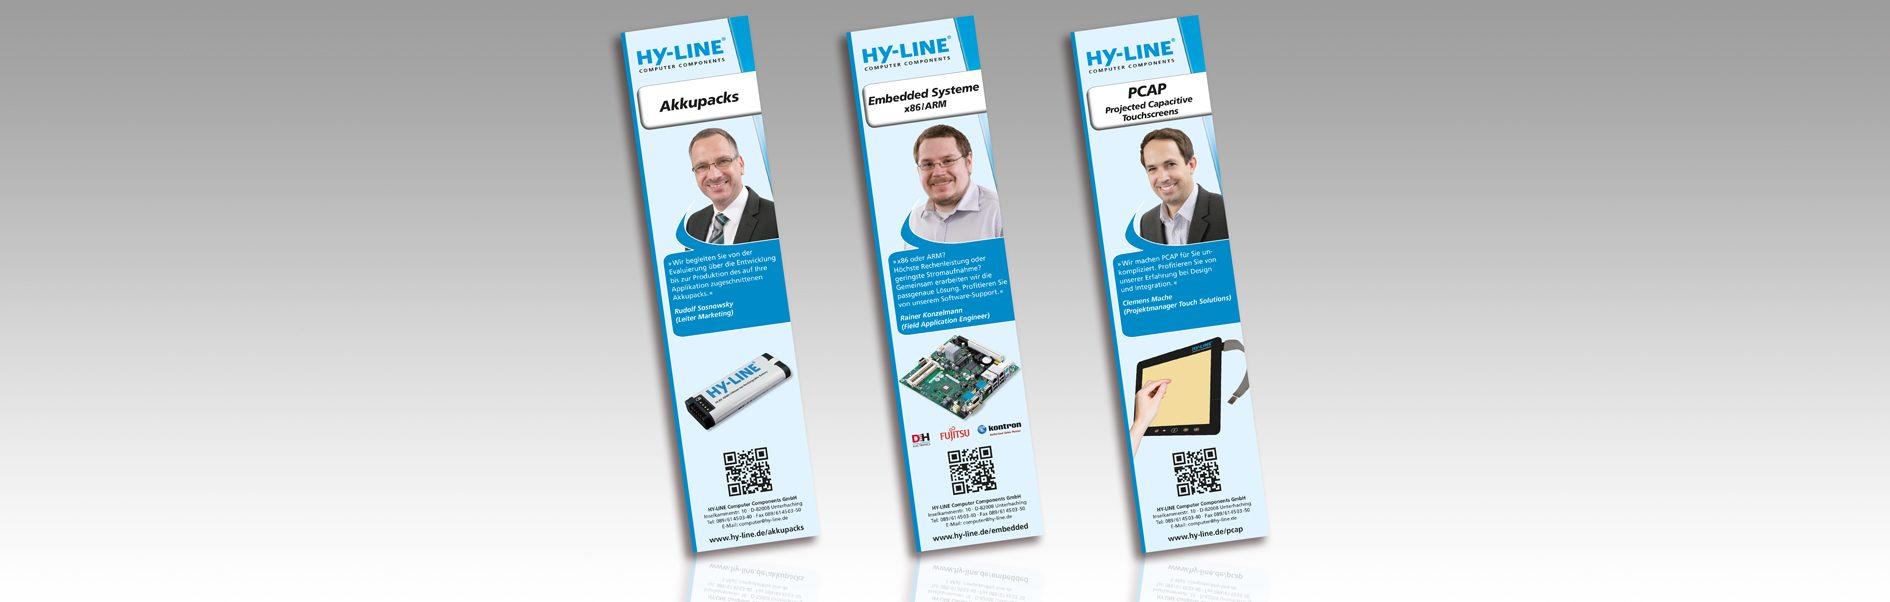 Hier sind die 3 verschiedenen Anzeigen der Anzeigenkampagne von 2014 abgebildet.